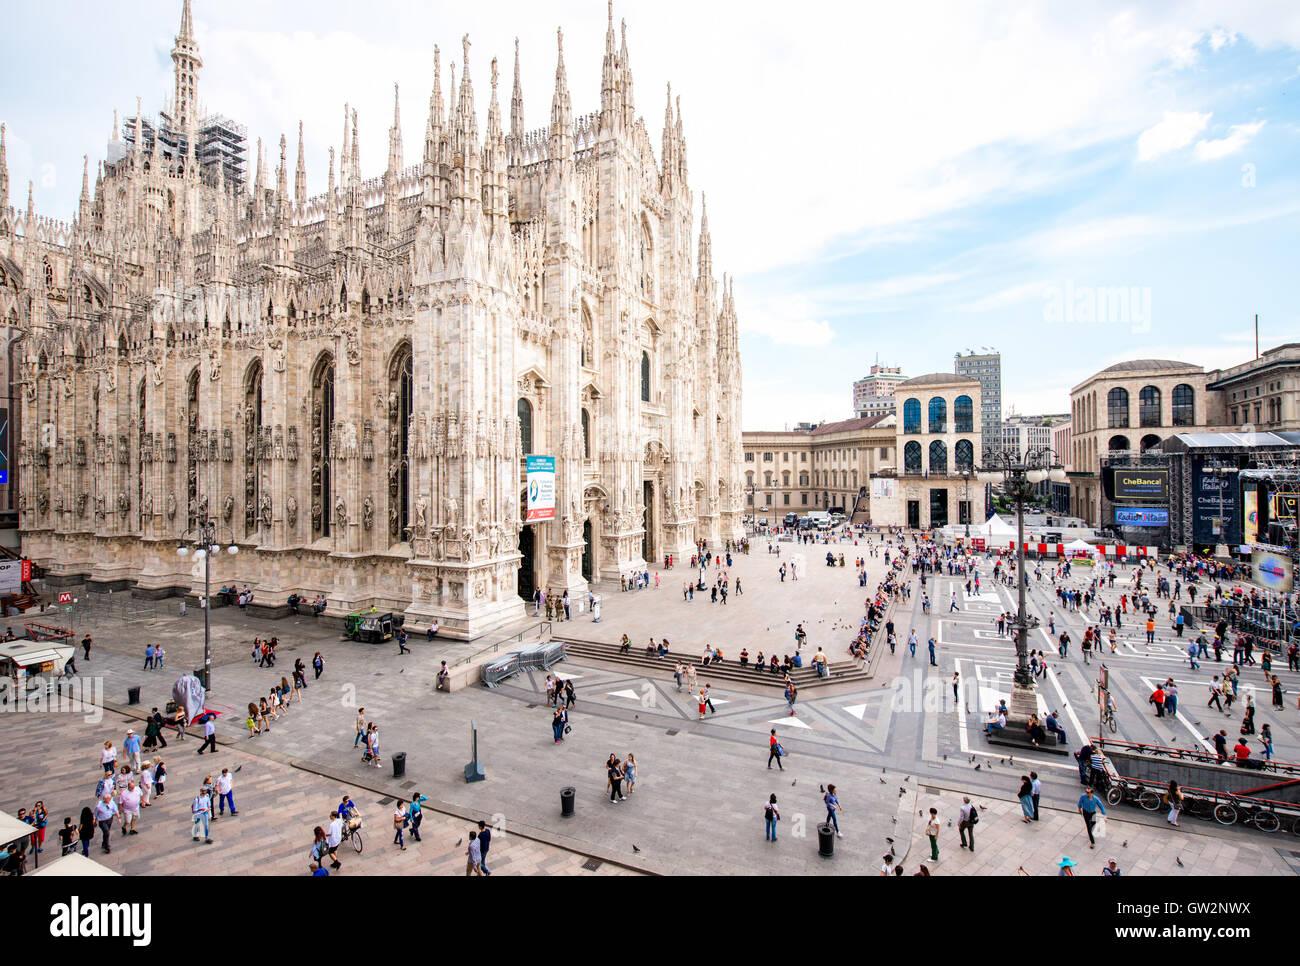 Duomo in Milan city - Stock Image